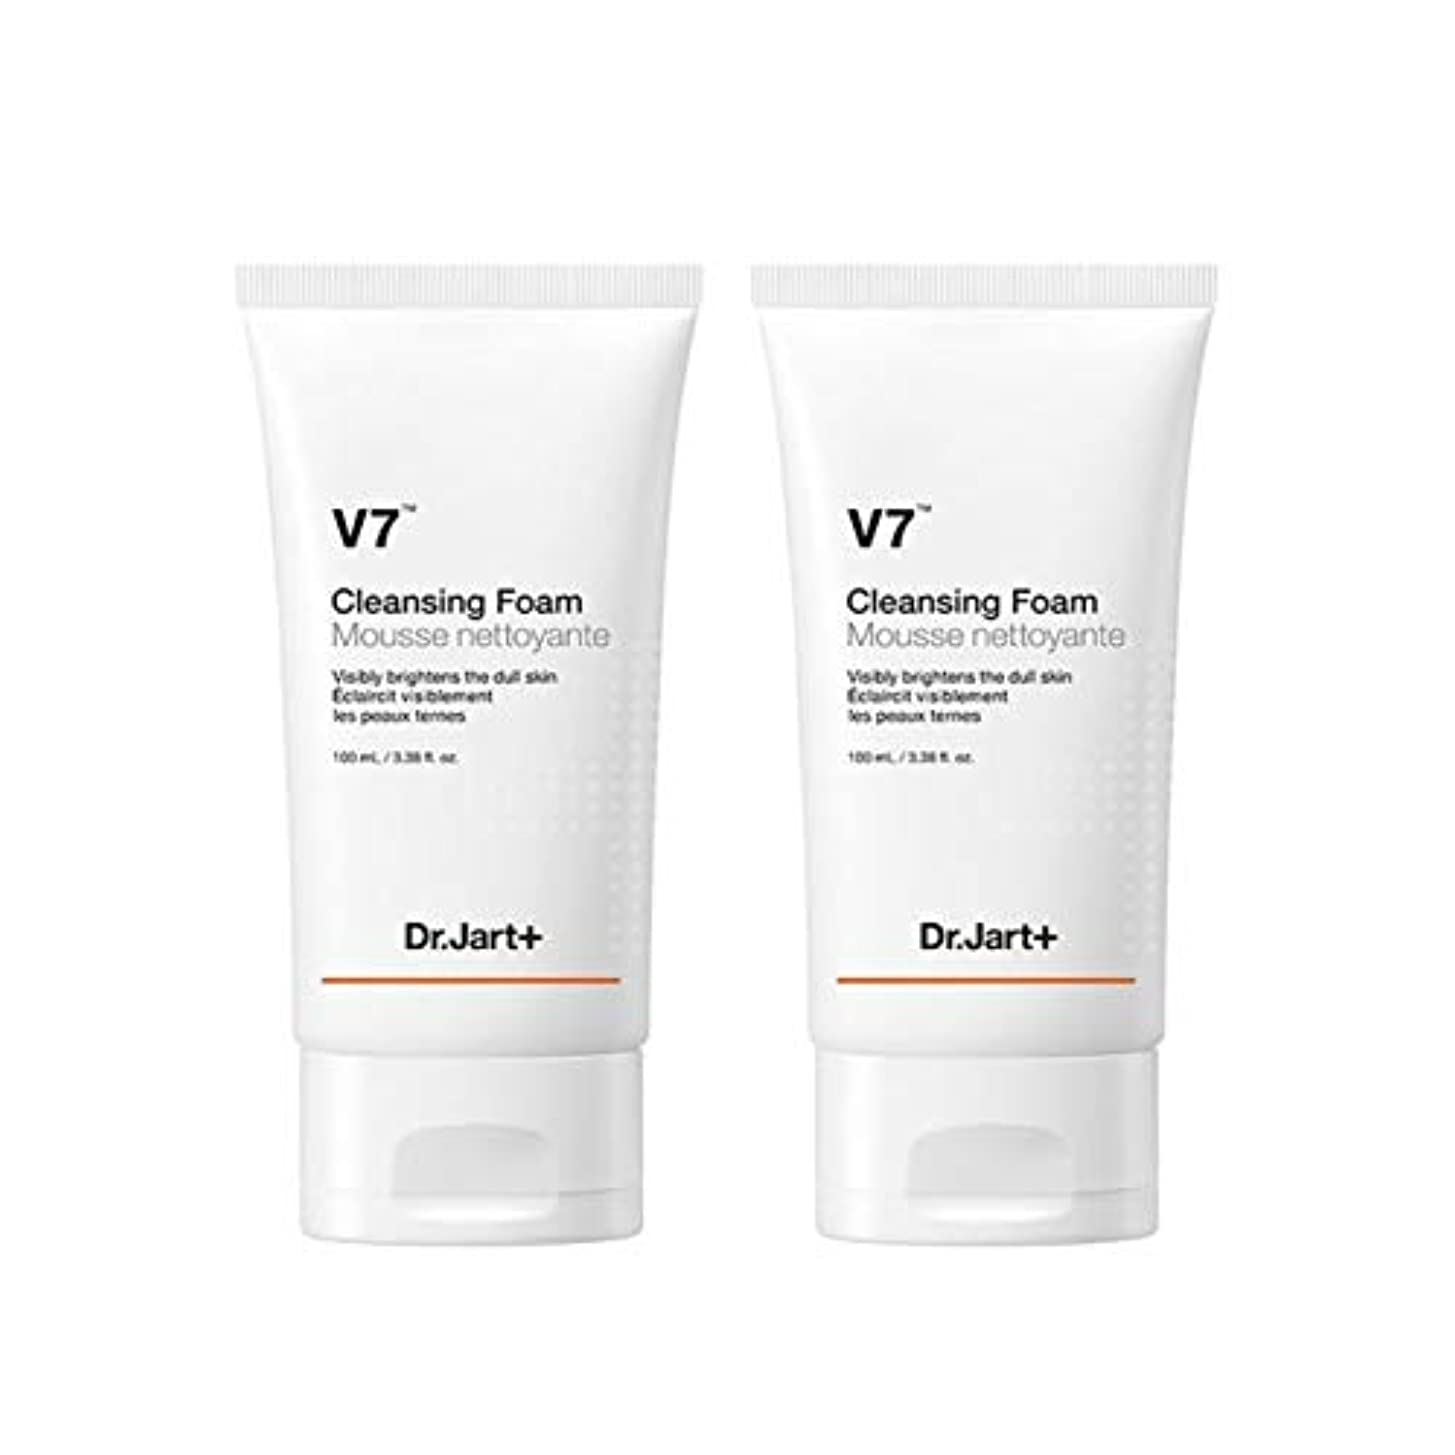 グラス裁定刈るドクタージャルトゥV7クレンジングフォーム100mlx2本セット韓国コスメ、Dr.Jart V7 Cleansing Foam 100ml x 2ea Set Korean Cosmetics [並行輸入品]